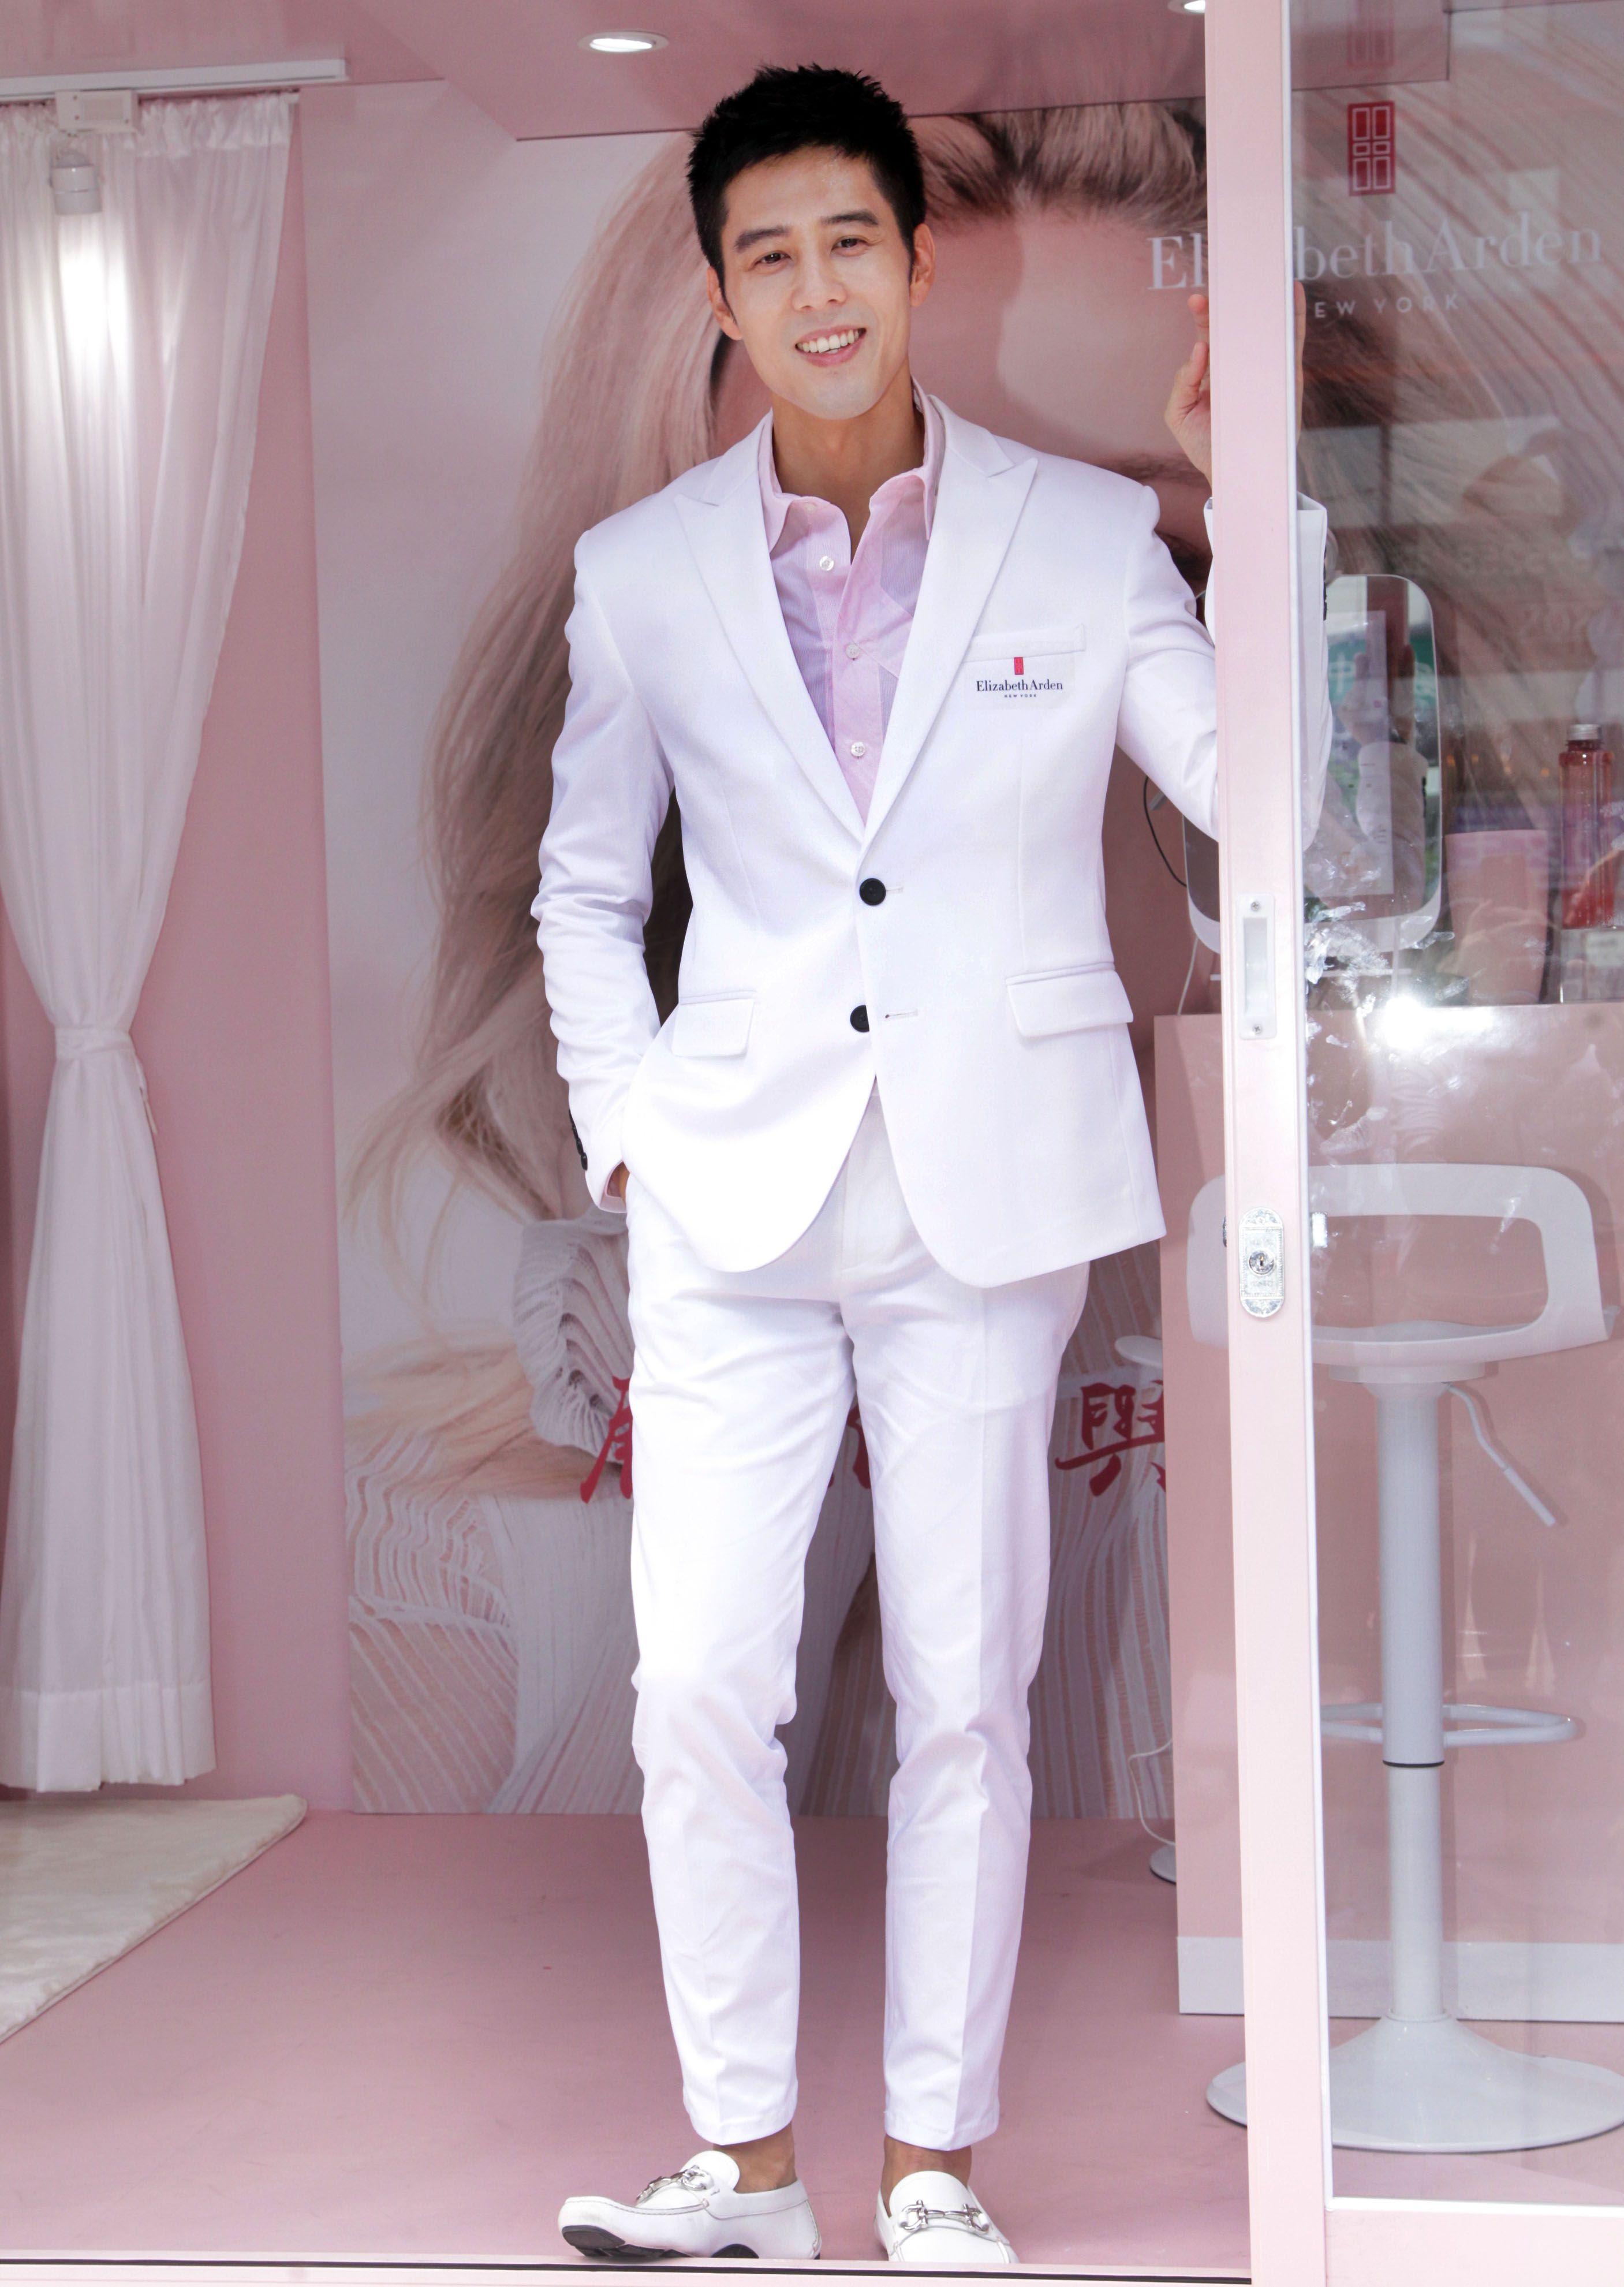 胡宇威出席保養品發表為粉絲保養皮膚。(記者邱榮吉/攝影)